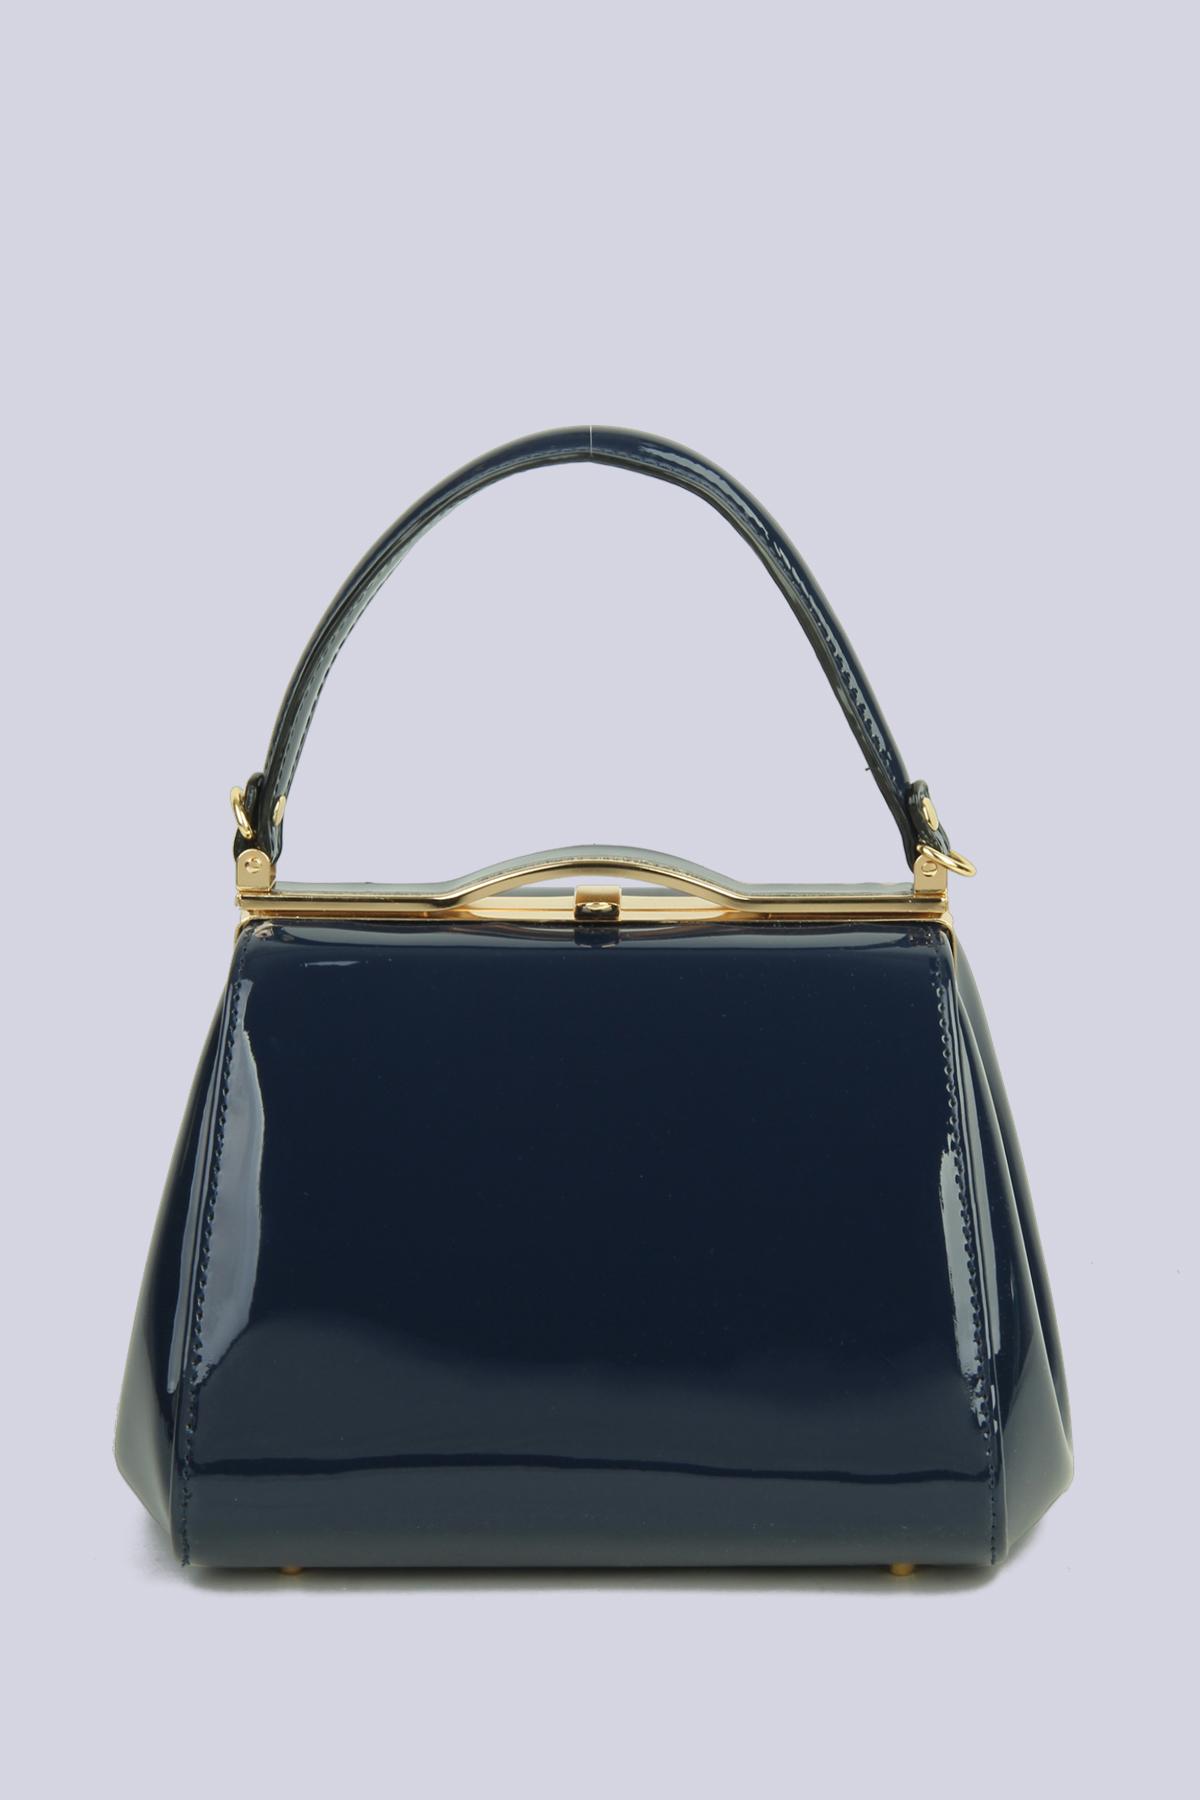 Μπλε λουστρίνι τσάντα, με αποσπώμενο μακρύ λουράκι, ιδανική για μια απογευματινή ή βραδινή εμφάνιση.